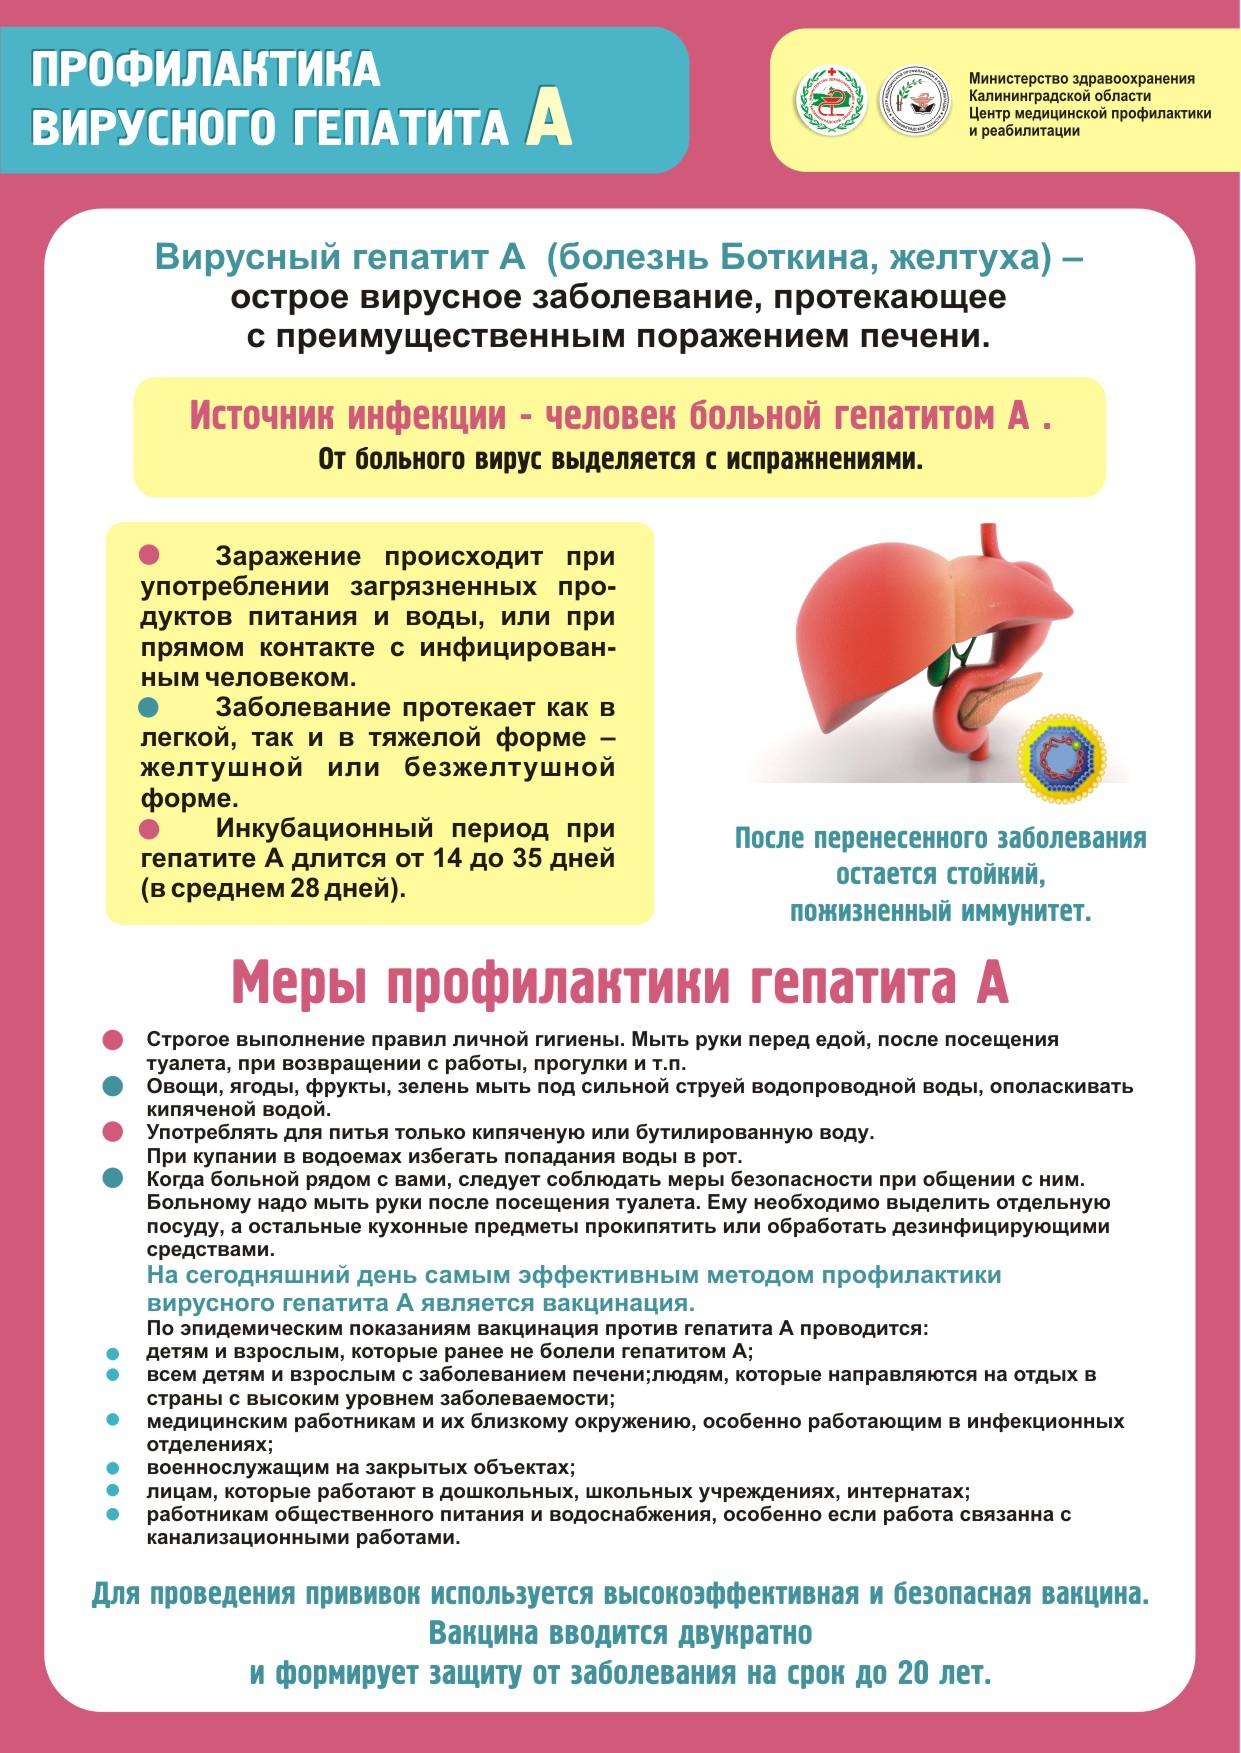 Как проводится профилактика вирусных гепатитов